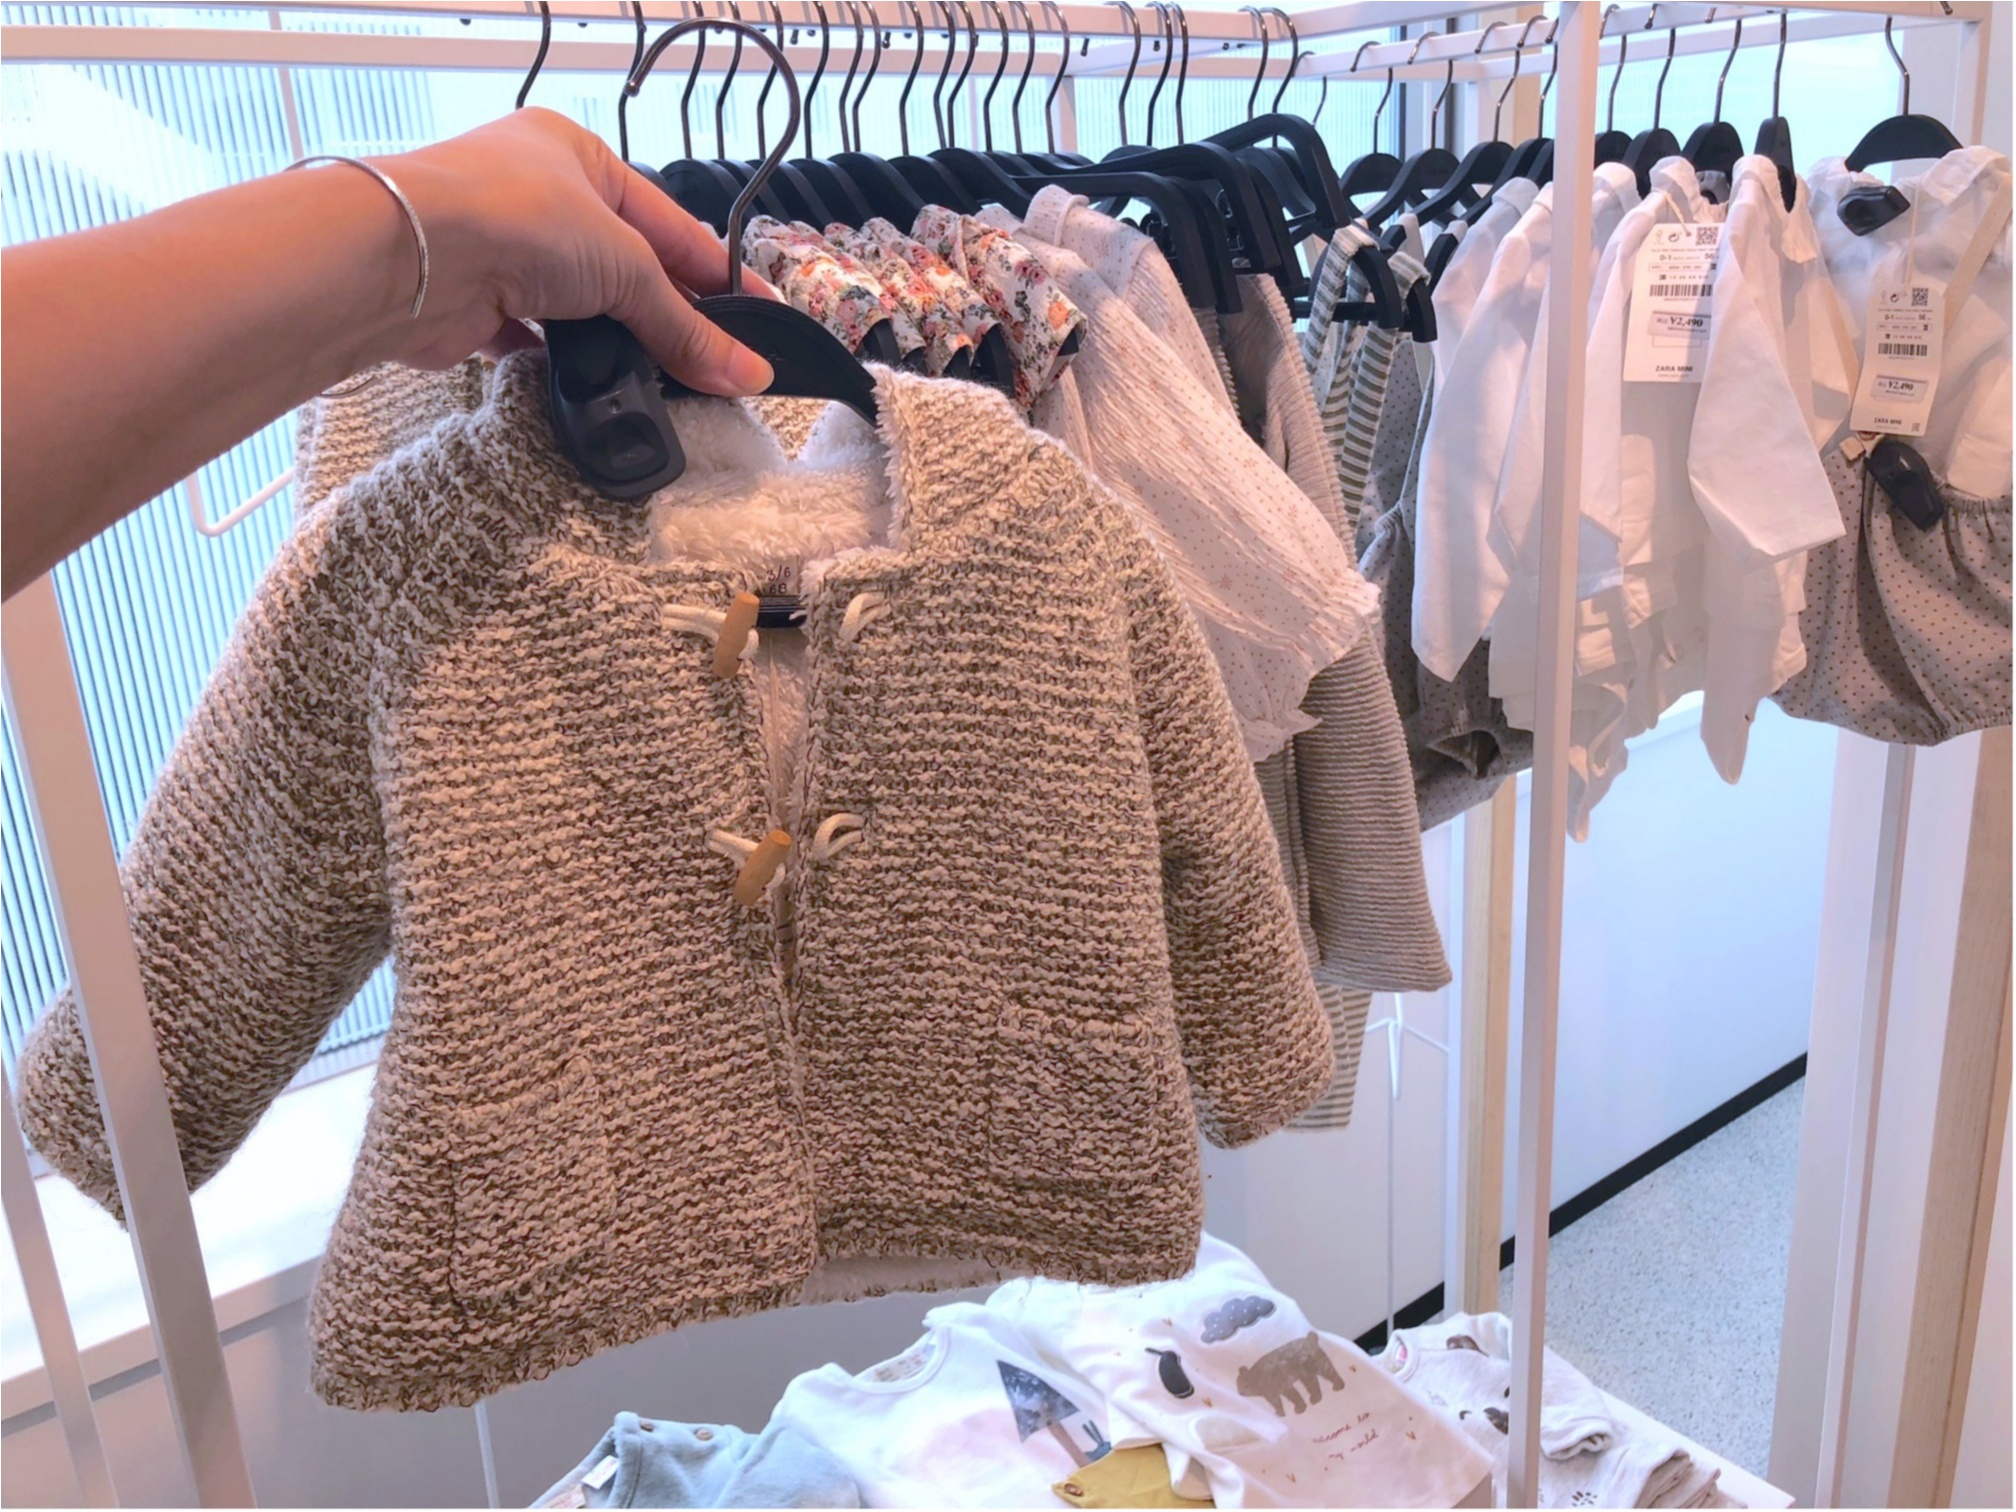 『ZARA 六本木店』リニューアルオープンで見つけたアイテム 記事Photo Gallery_1_21